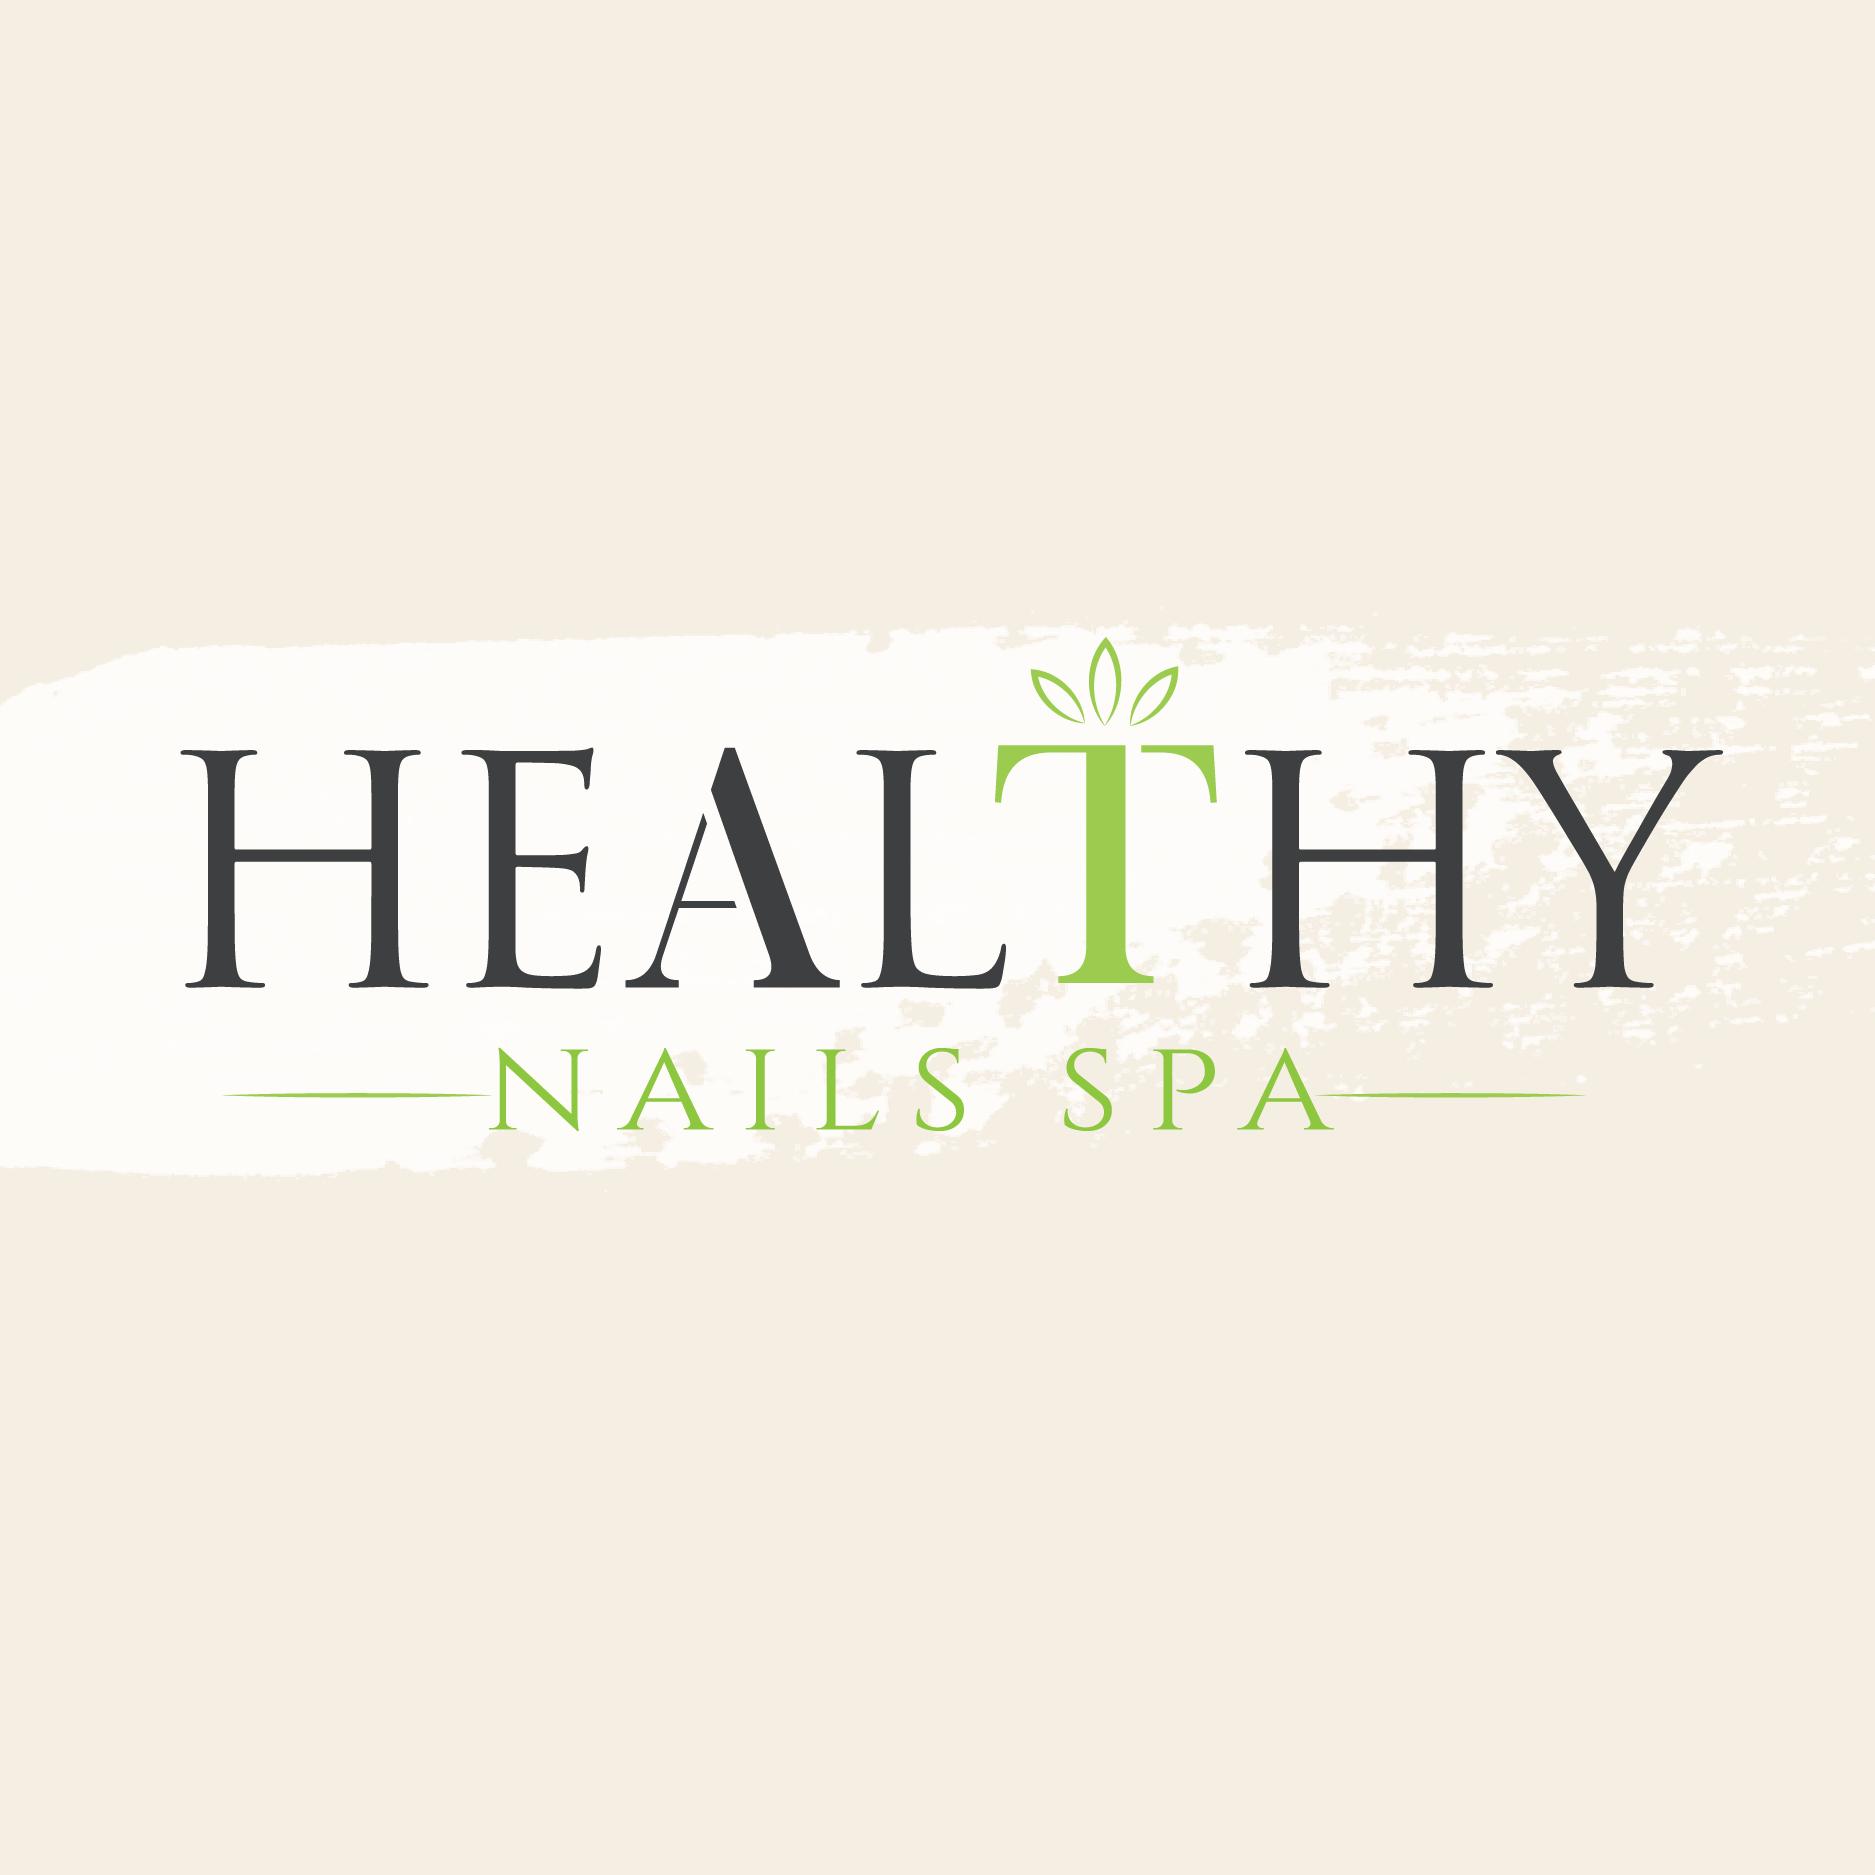 Healthy Nails Spa